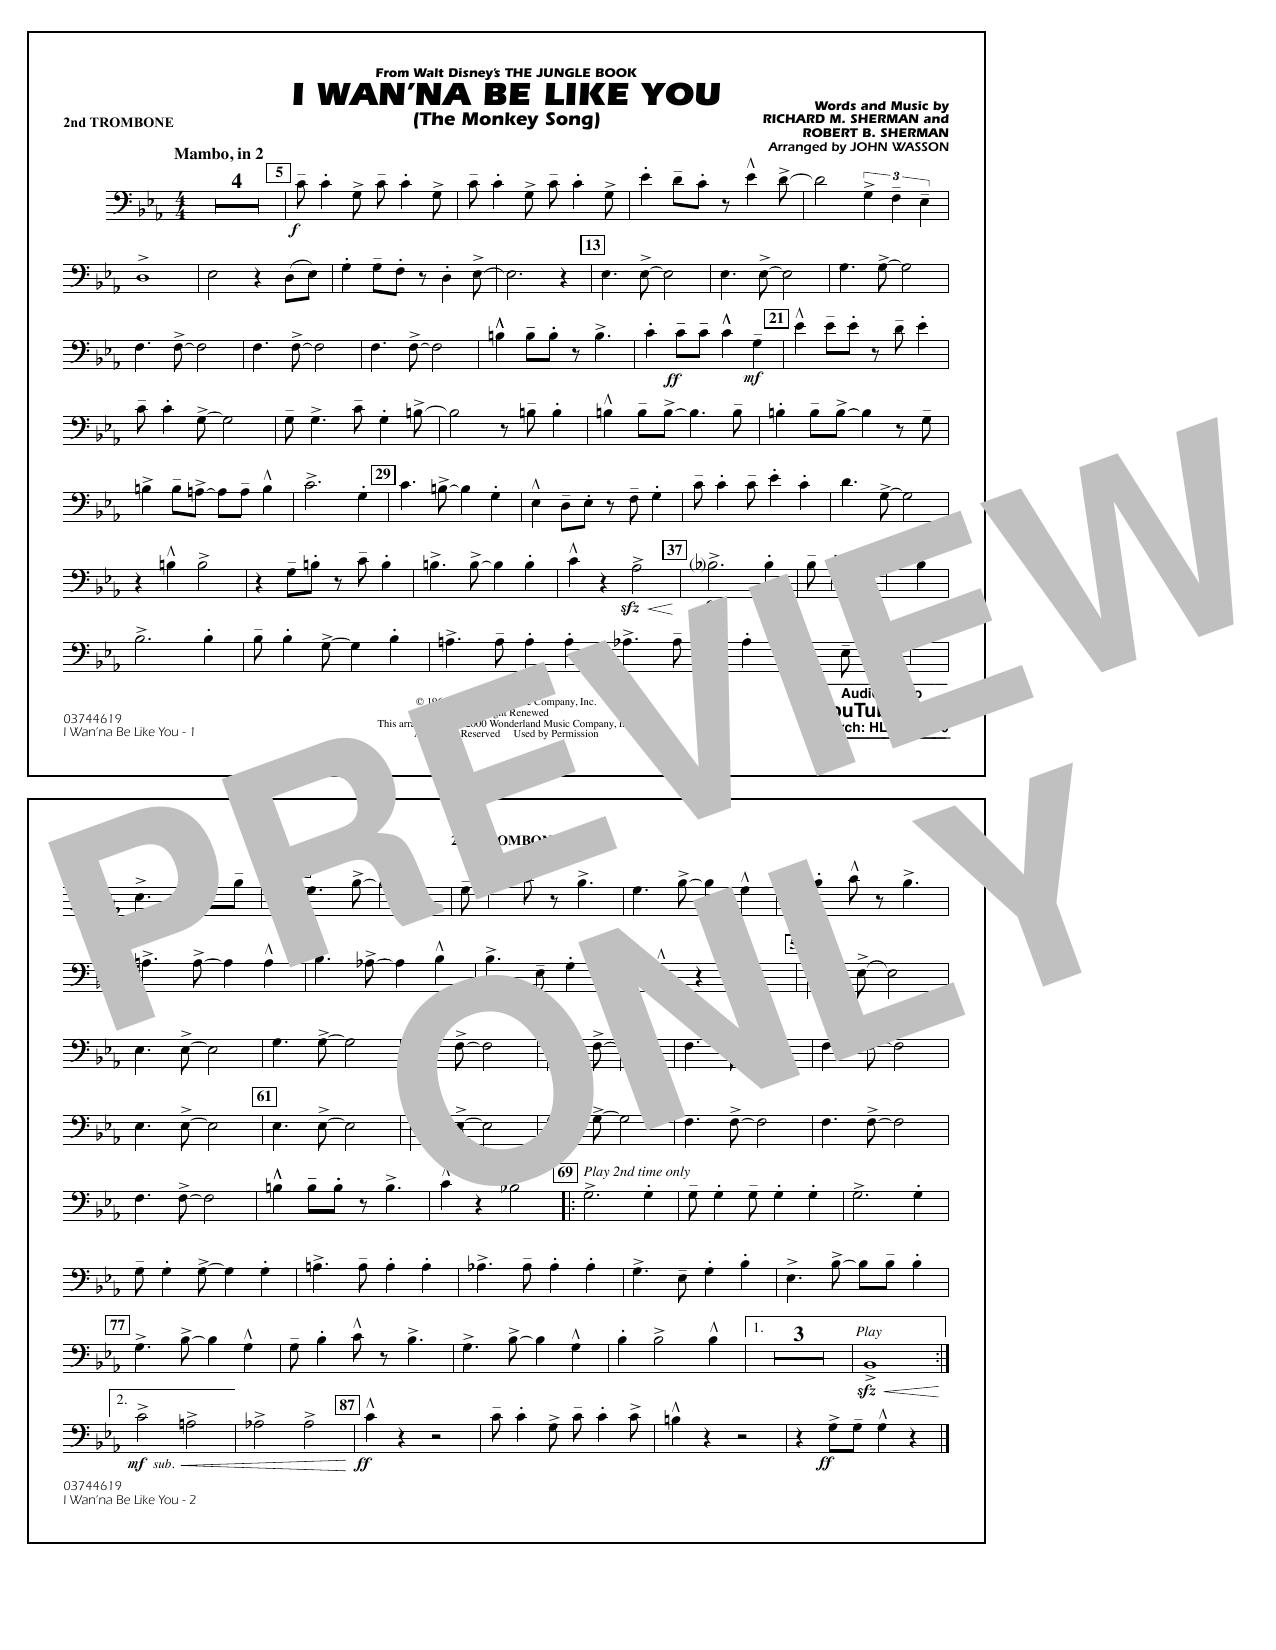 Robert B. Sherman - I Wan'na Be Like You - 2nd Trombone